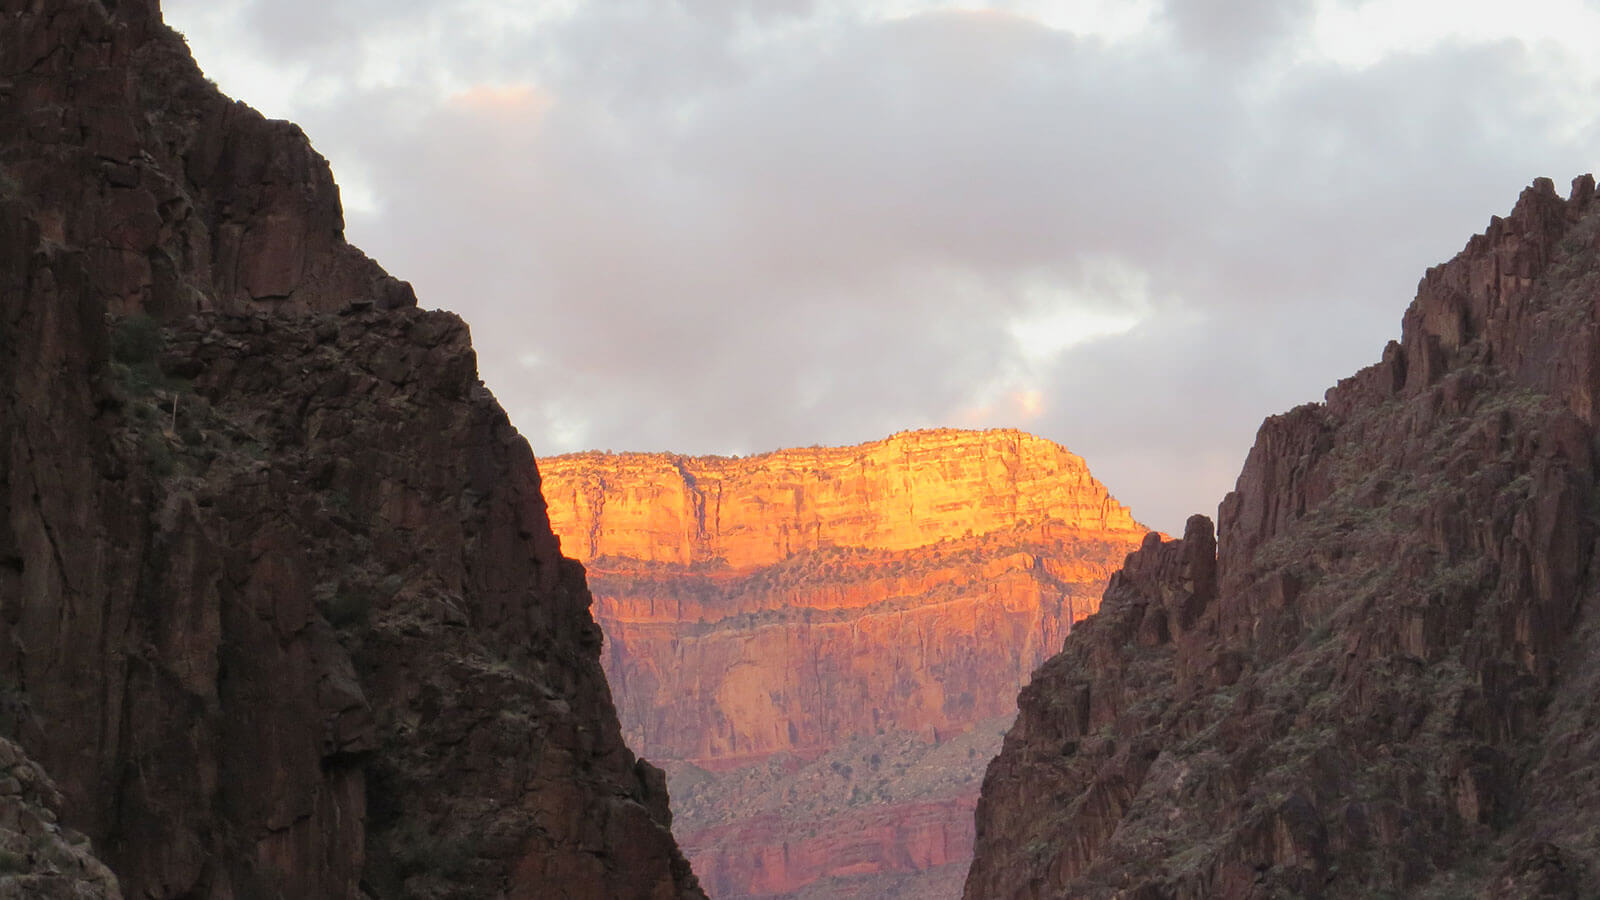 Mountain Range Sunset